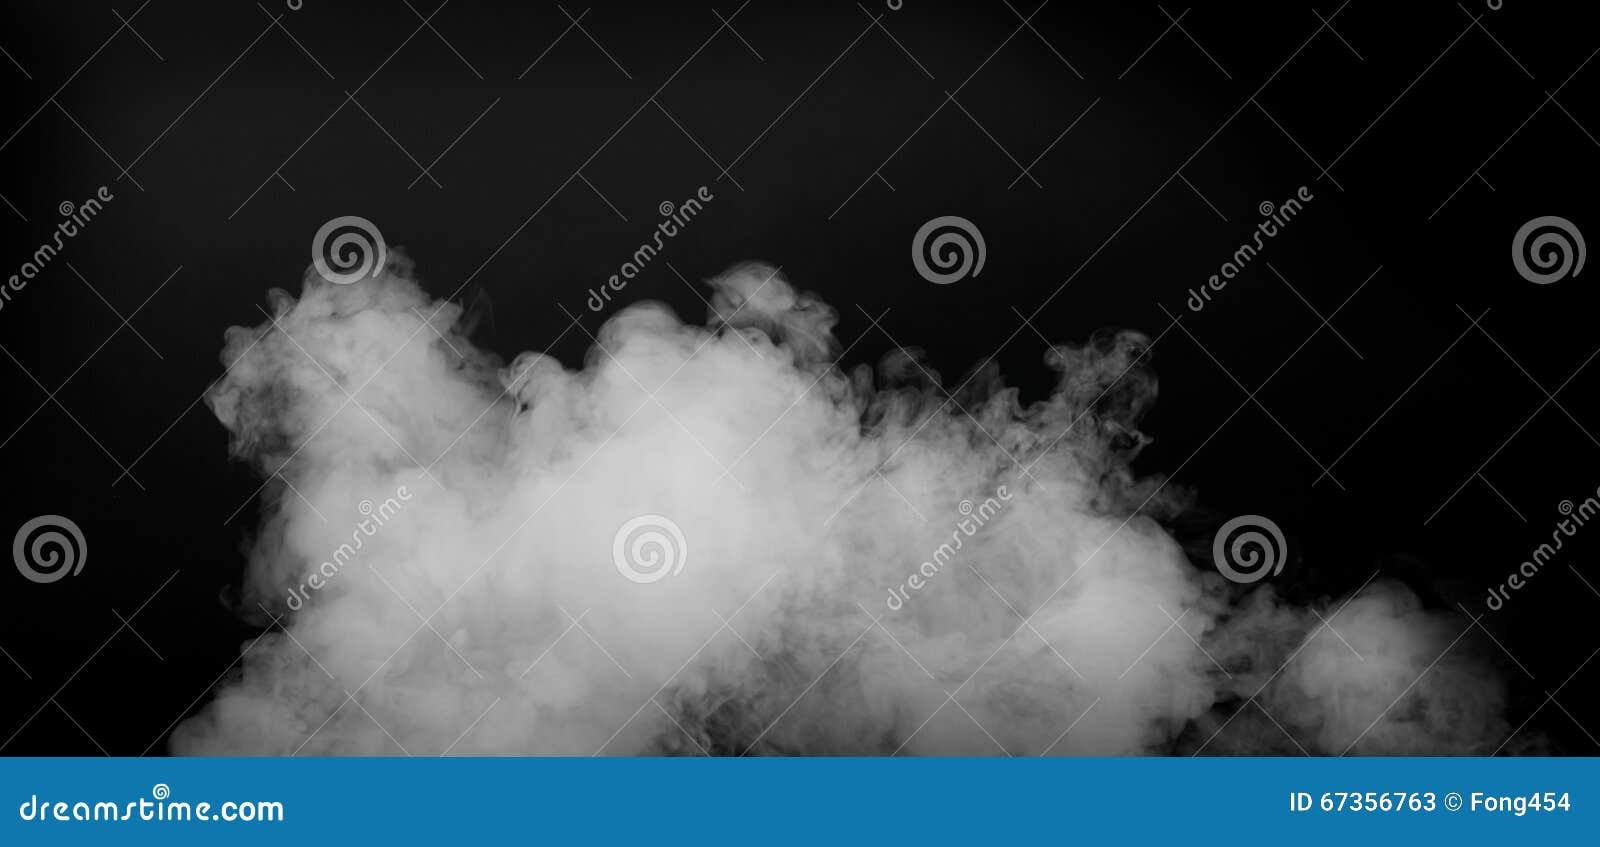 Άσπρος καπνός που απομονώνεται στο μαύρο υπόβαθρο